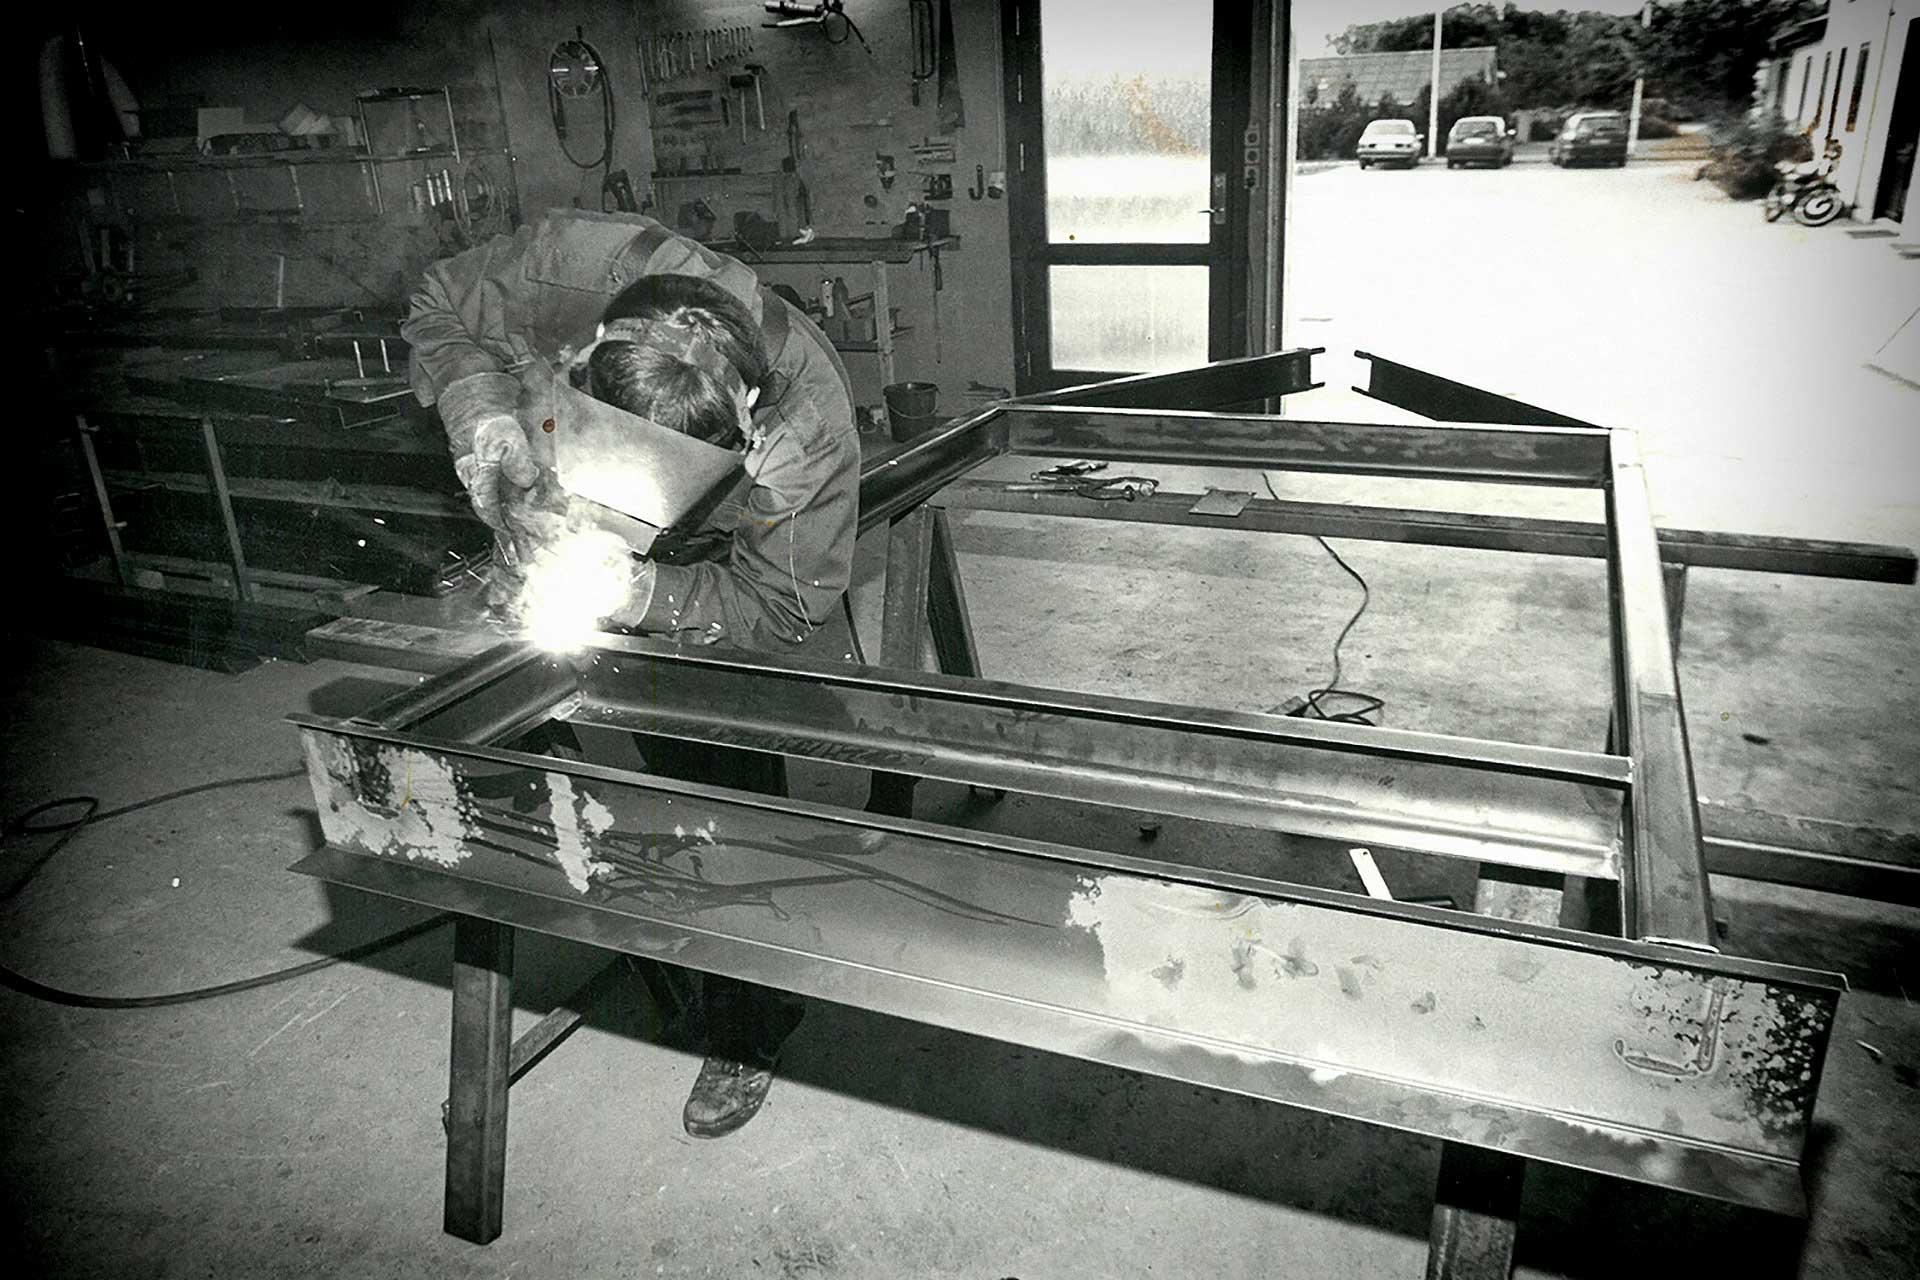 Svejsning af chassis